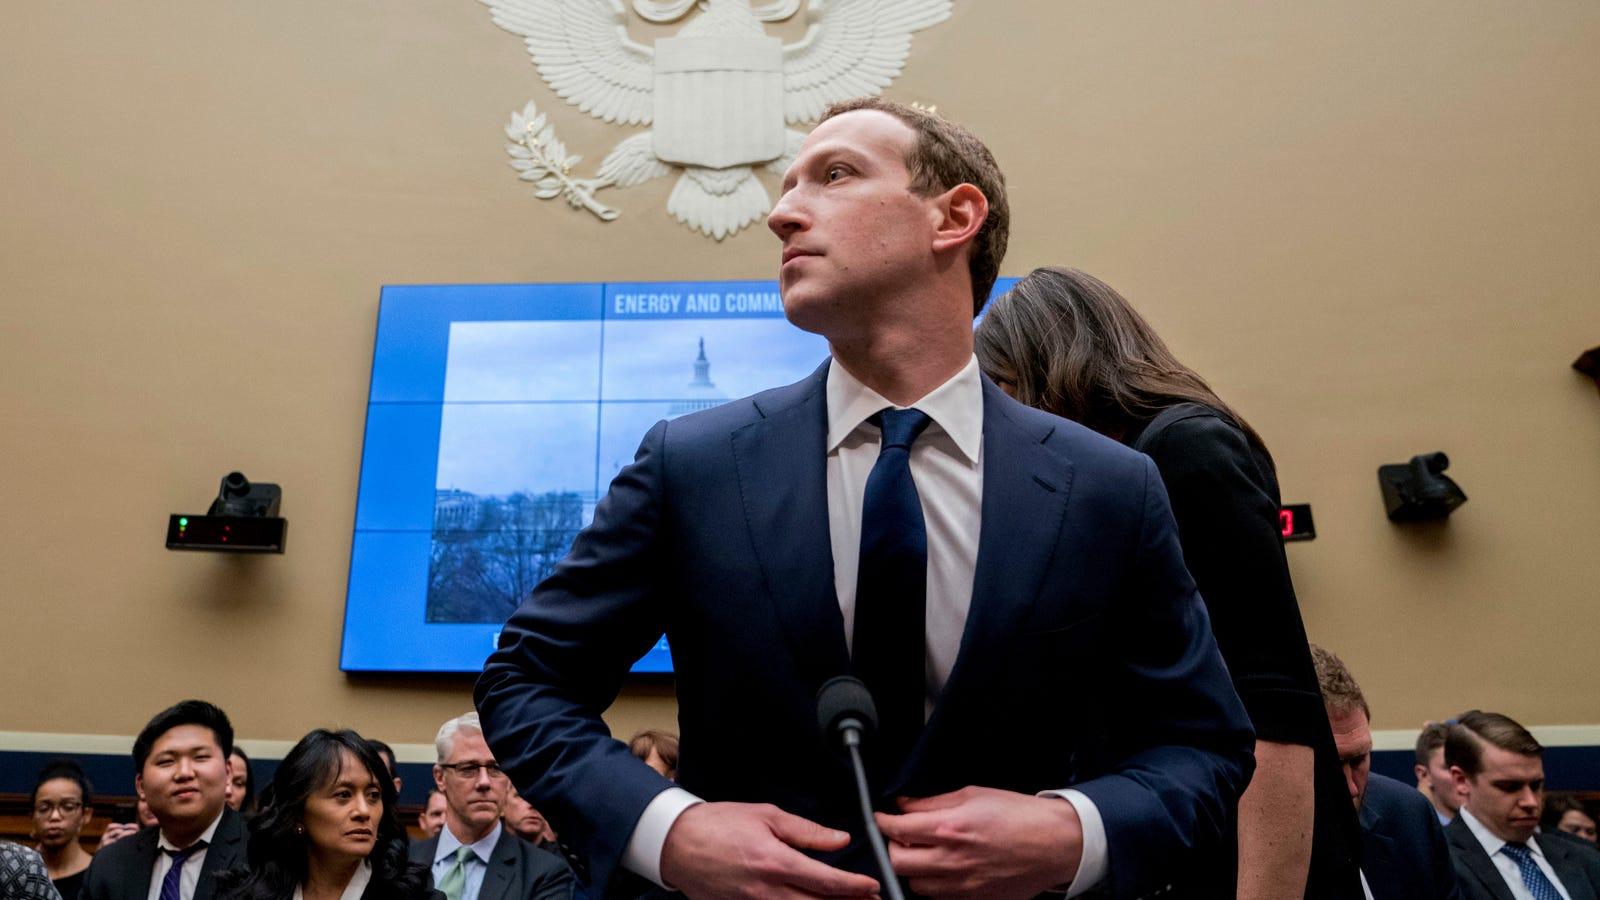 Facebook Spent 20 Million On Relatable Guy Mark